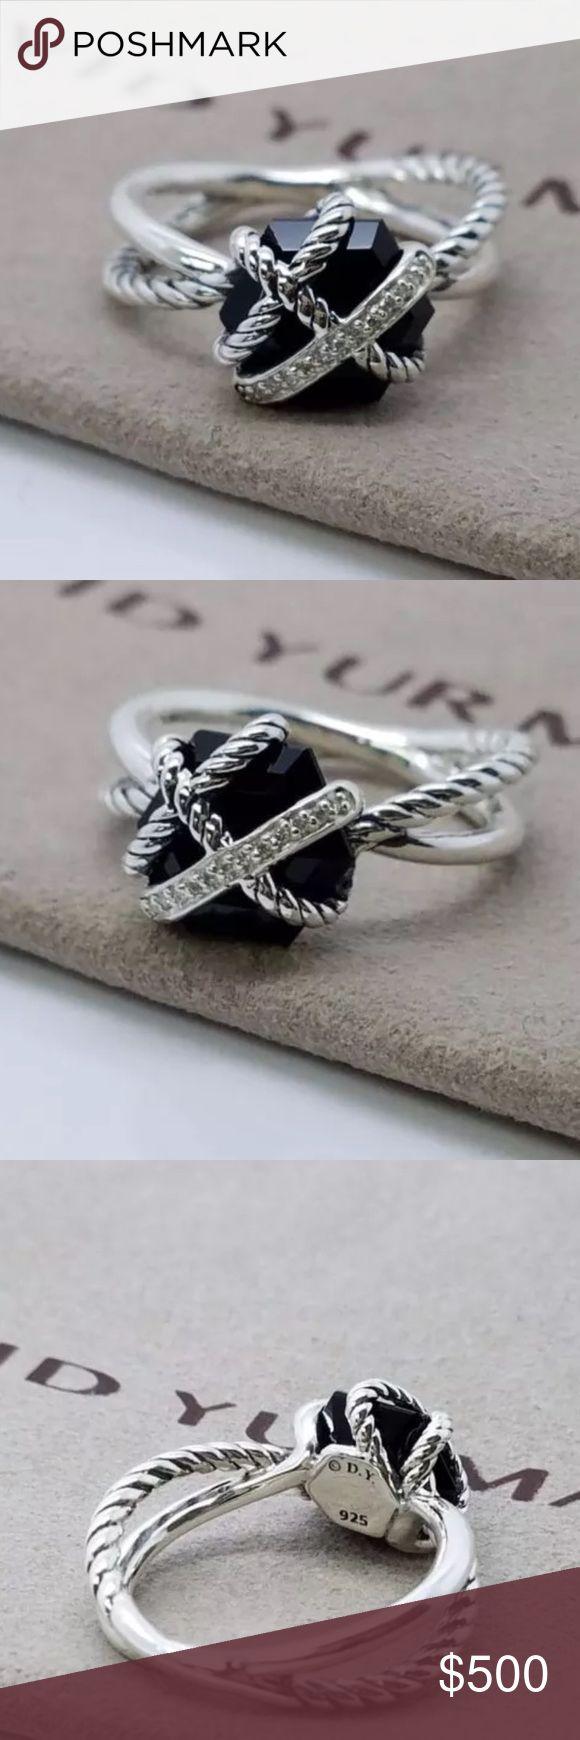 Best 25 Black diamond price ideas on Pinterest